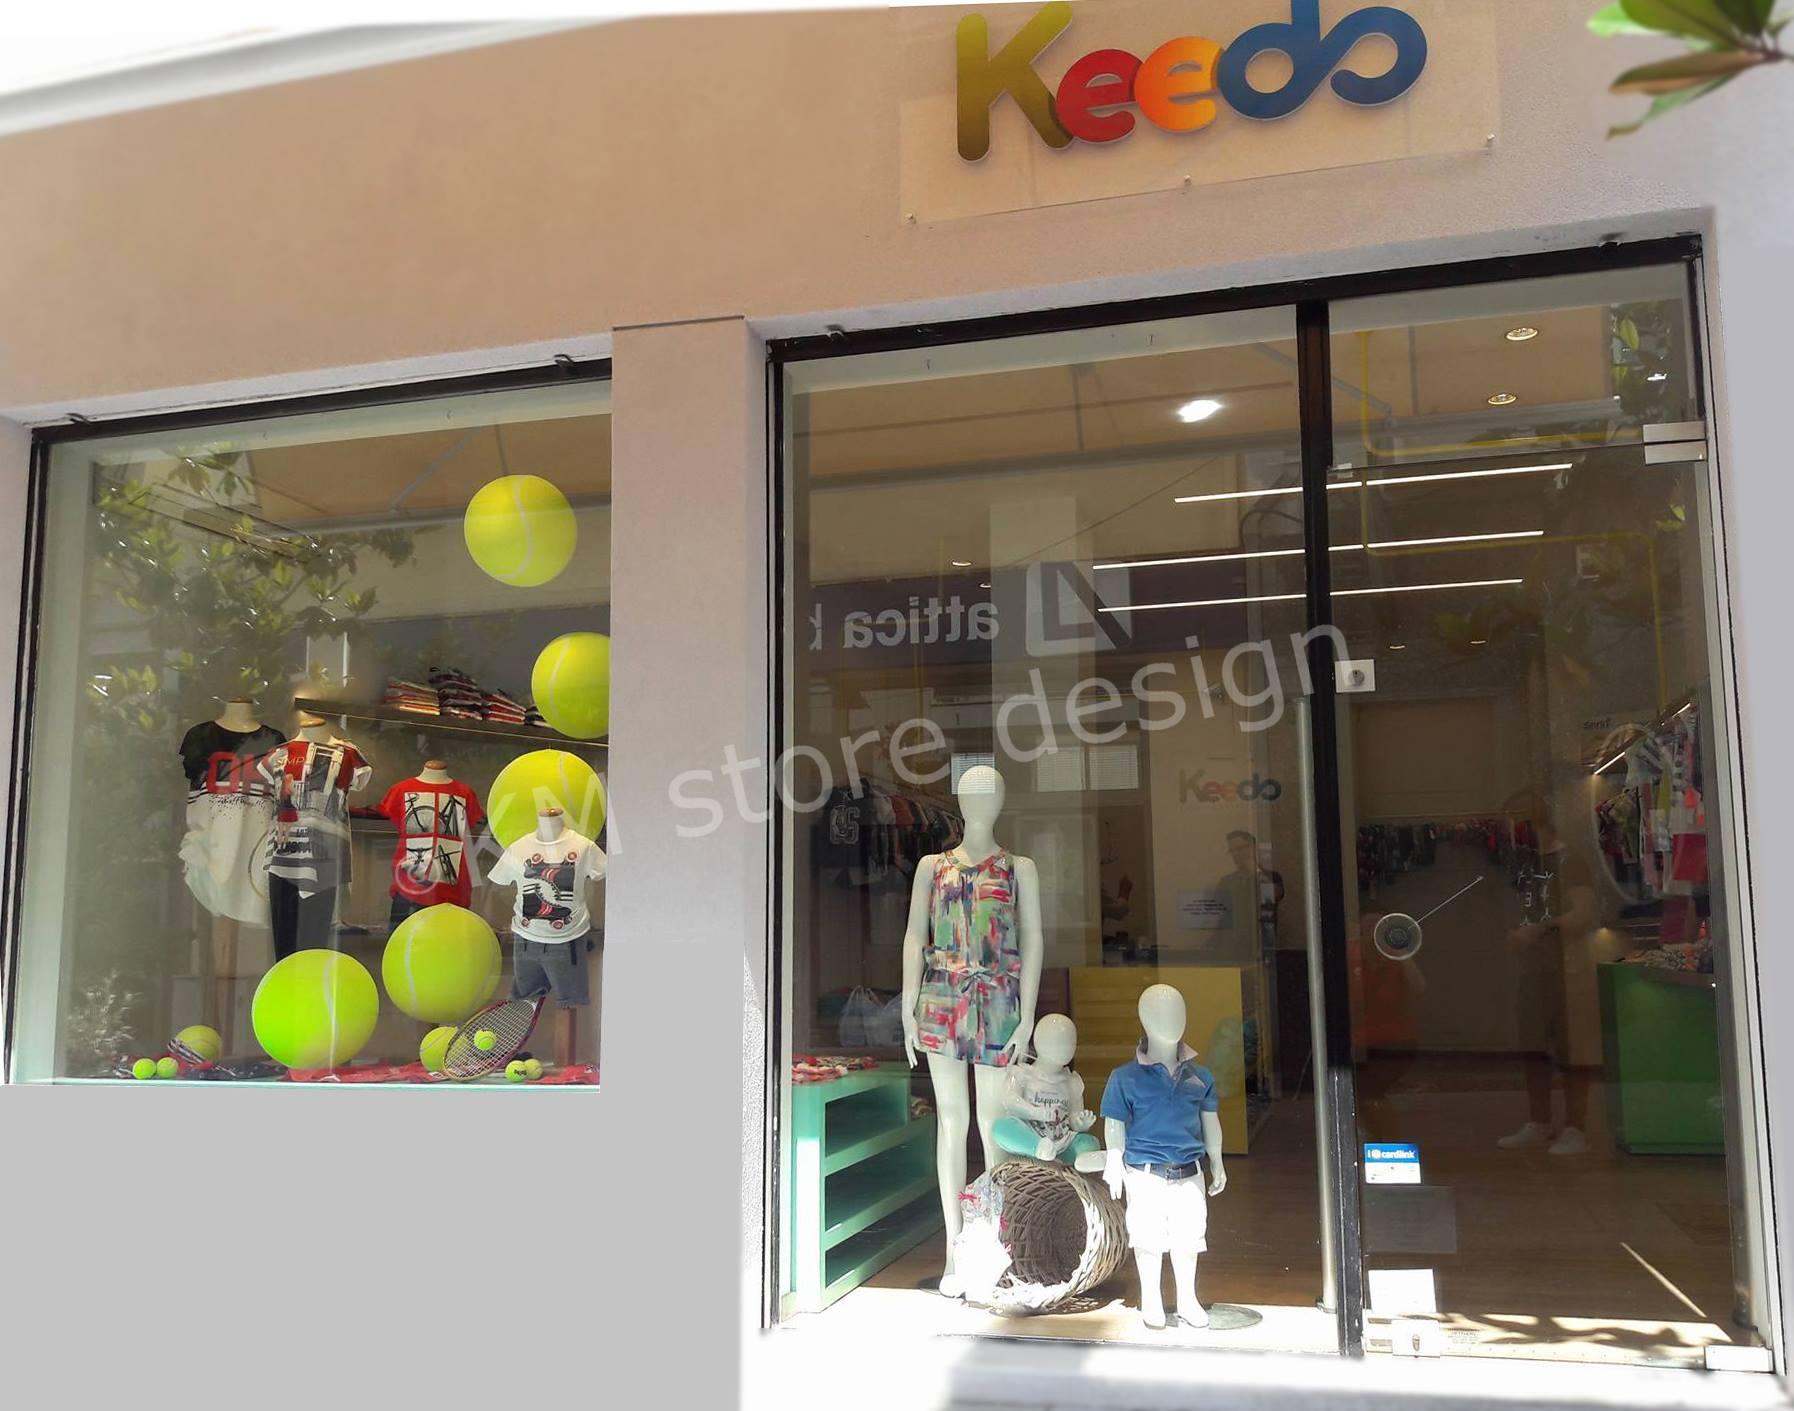 59fa0808dca Επίπλωση καταστήματος παιδικά ρούχα Μαρούσι KIDDO - Επιπλώσεις ...